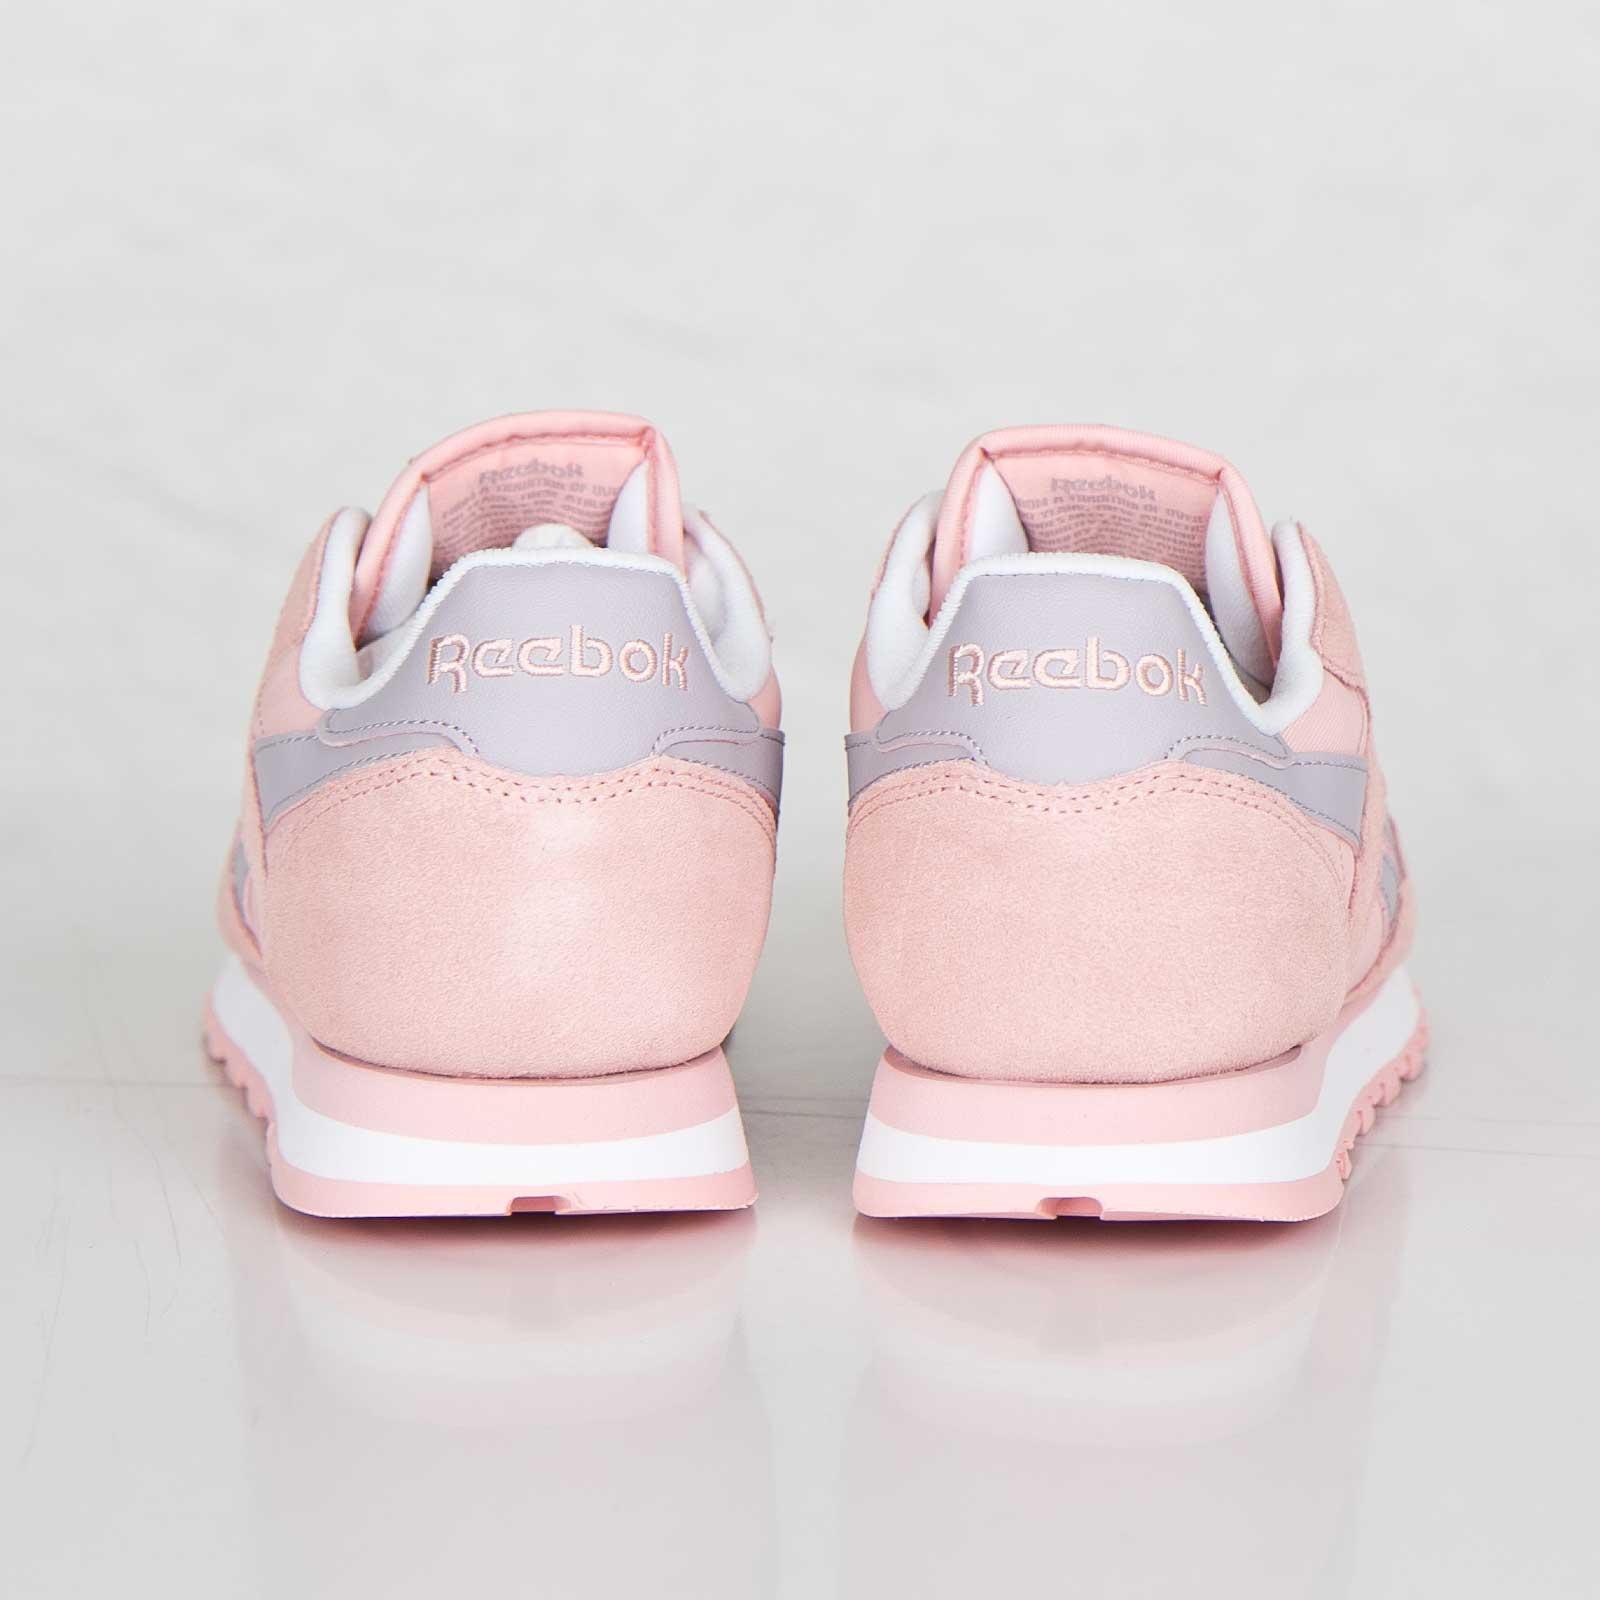 best loved 5b0f8 fe69f Reebok Classic Leather Seasonal I - M41937 - Sneakersnstuff   sneakers   streetwear  online since 1999